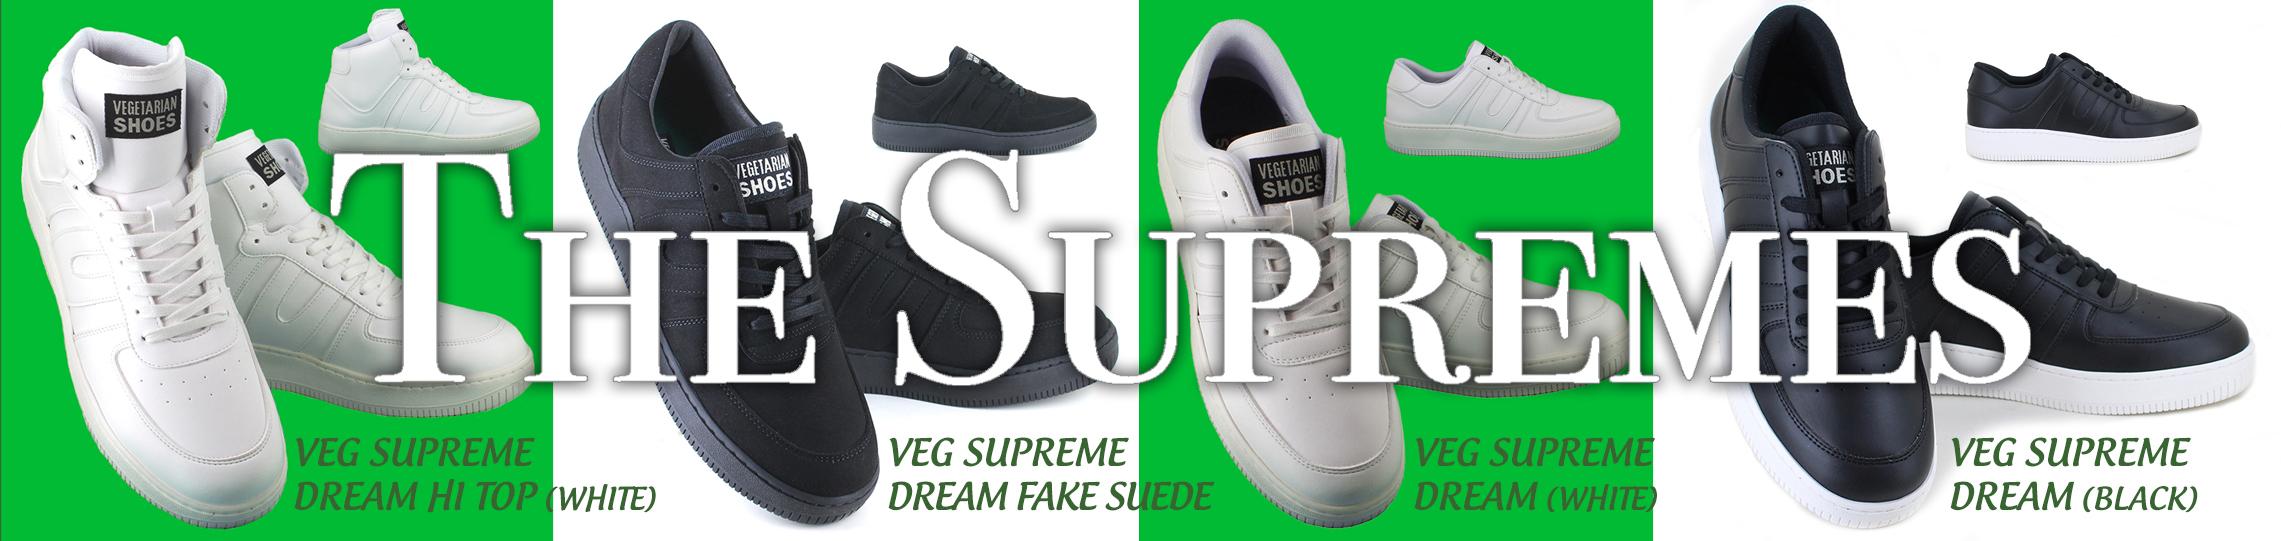 New Supreme Dream Sneakers